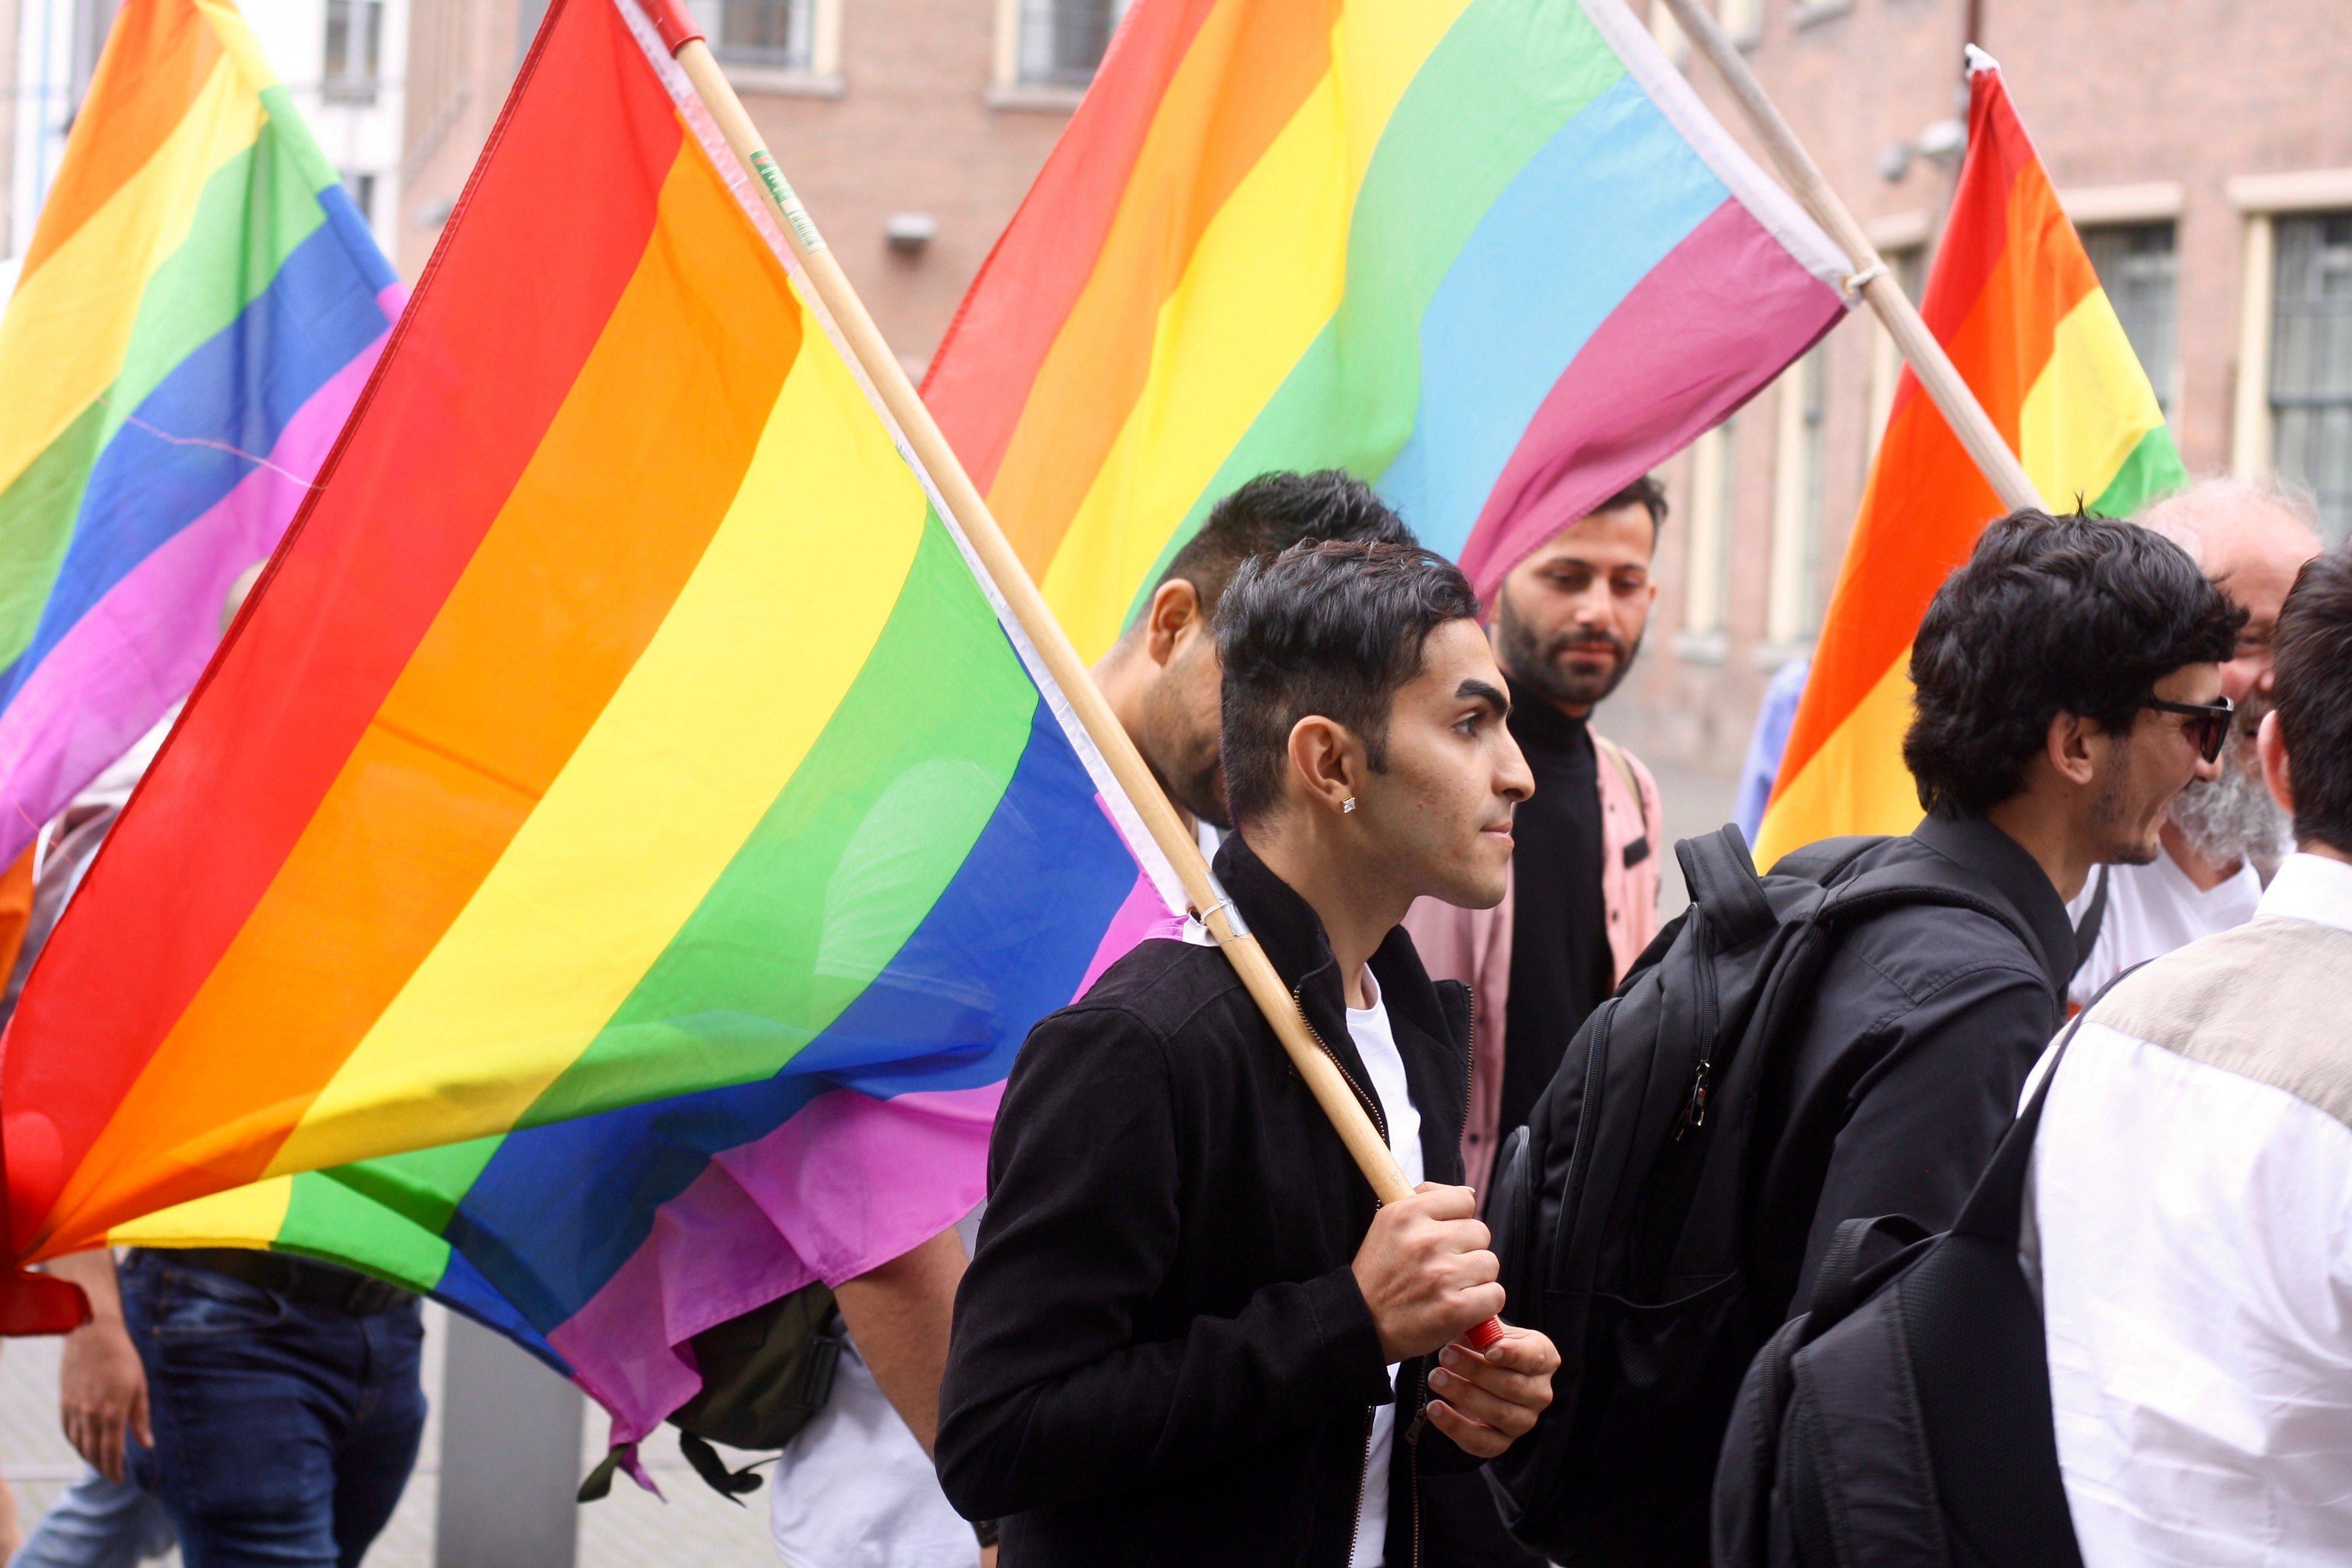 Hoe beoordeelt de IND of een asielzoeker 'gay genoeg' is?